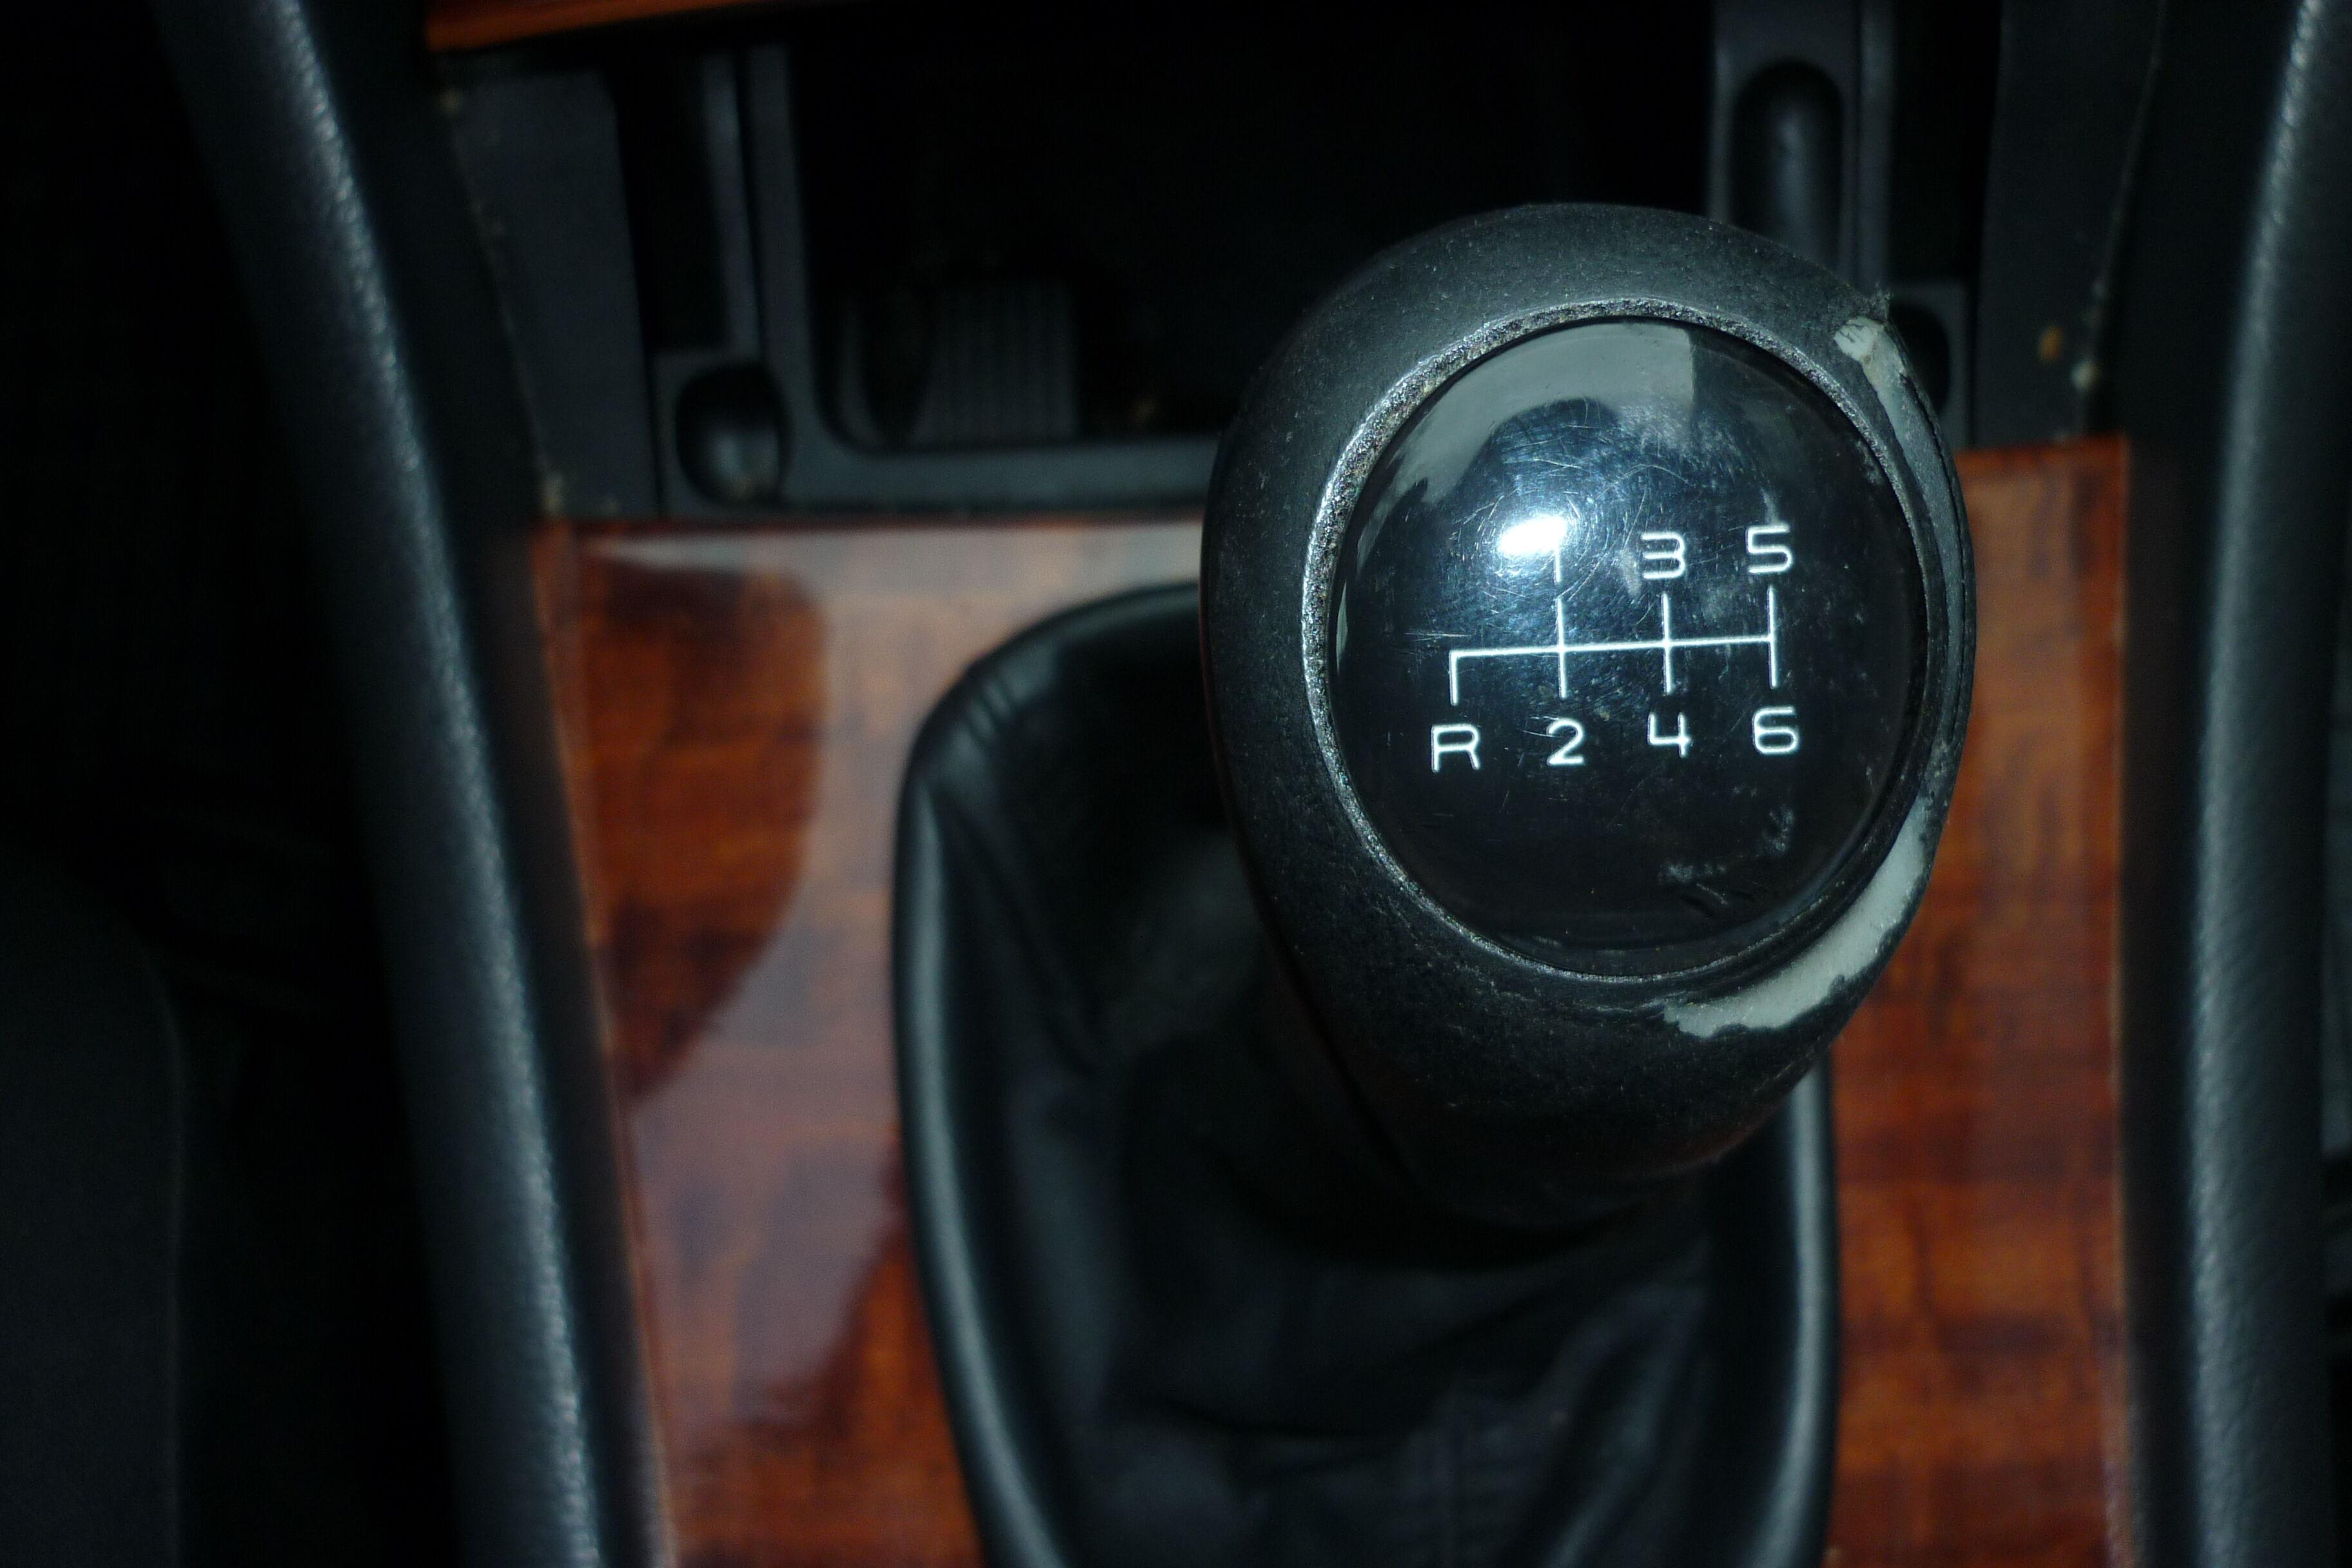 Mercedes C 200 9/10